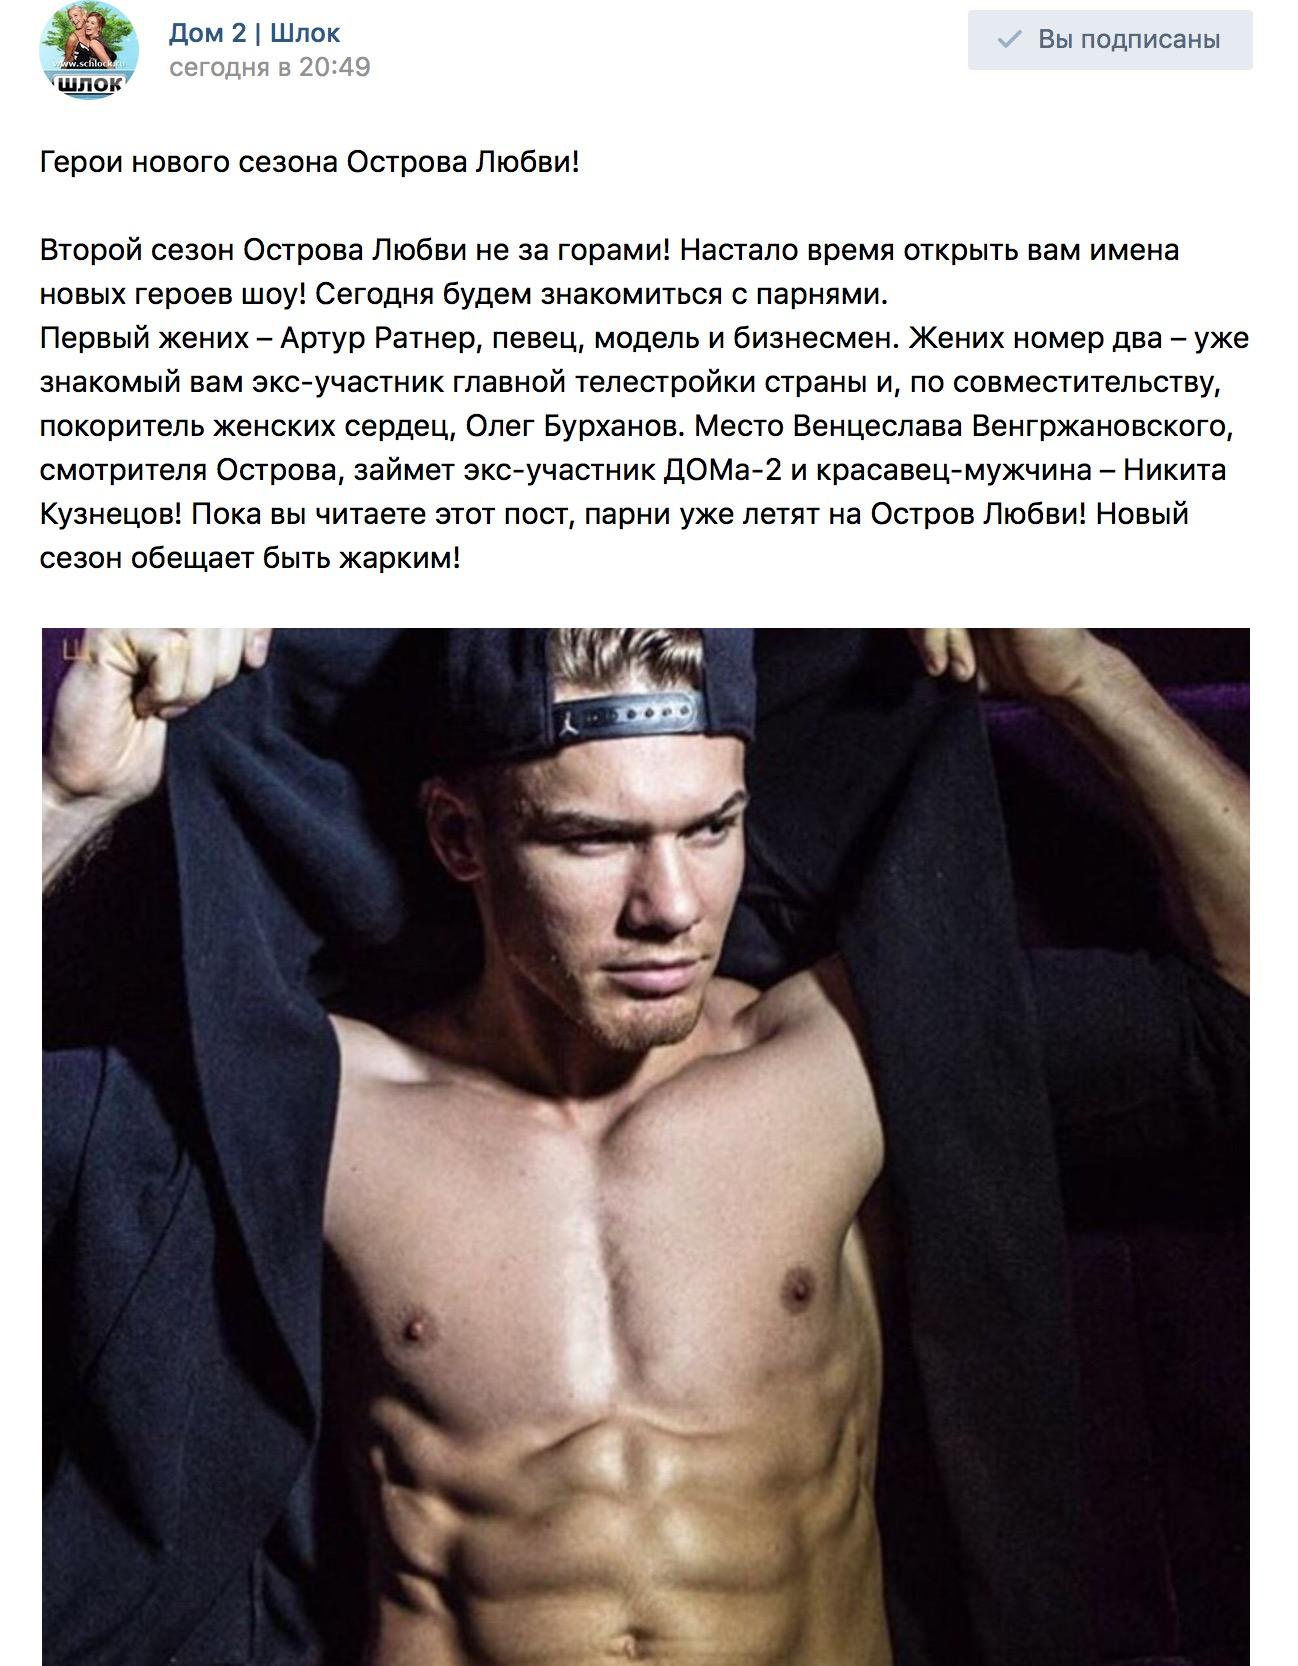 Герои нового сезона Острова Любви!